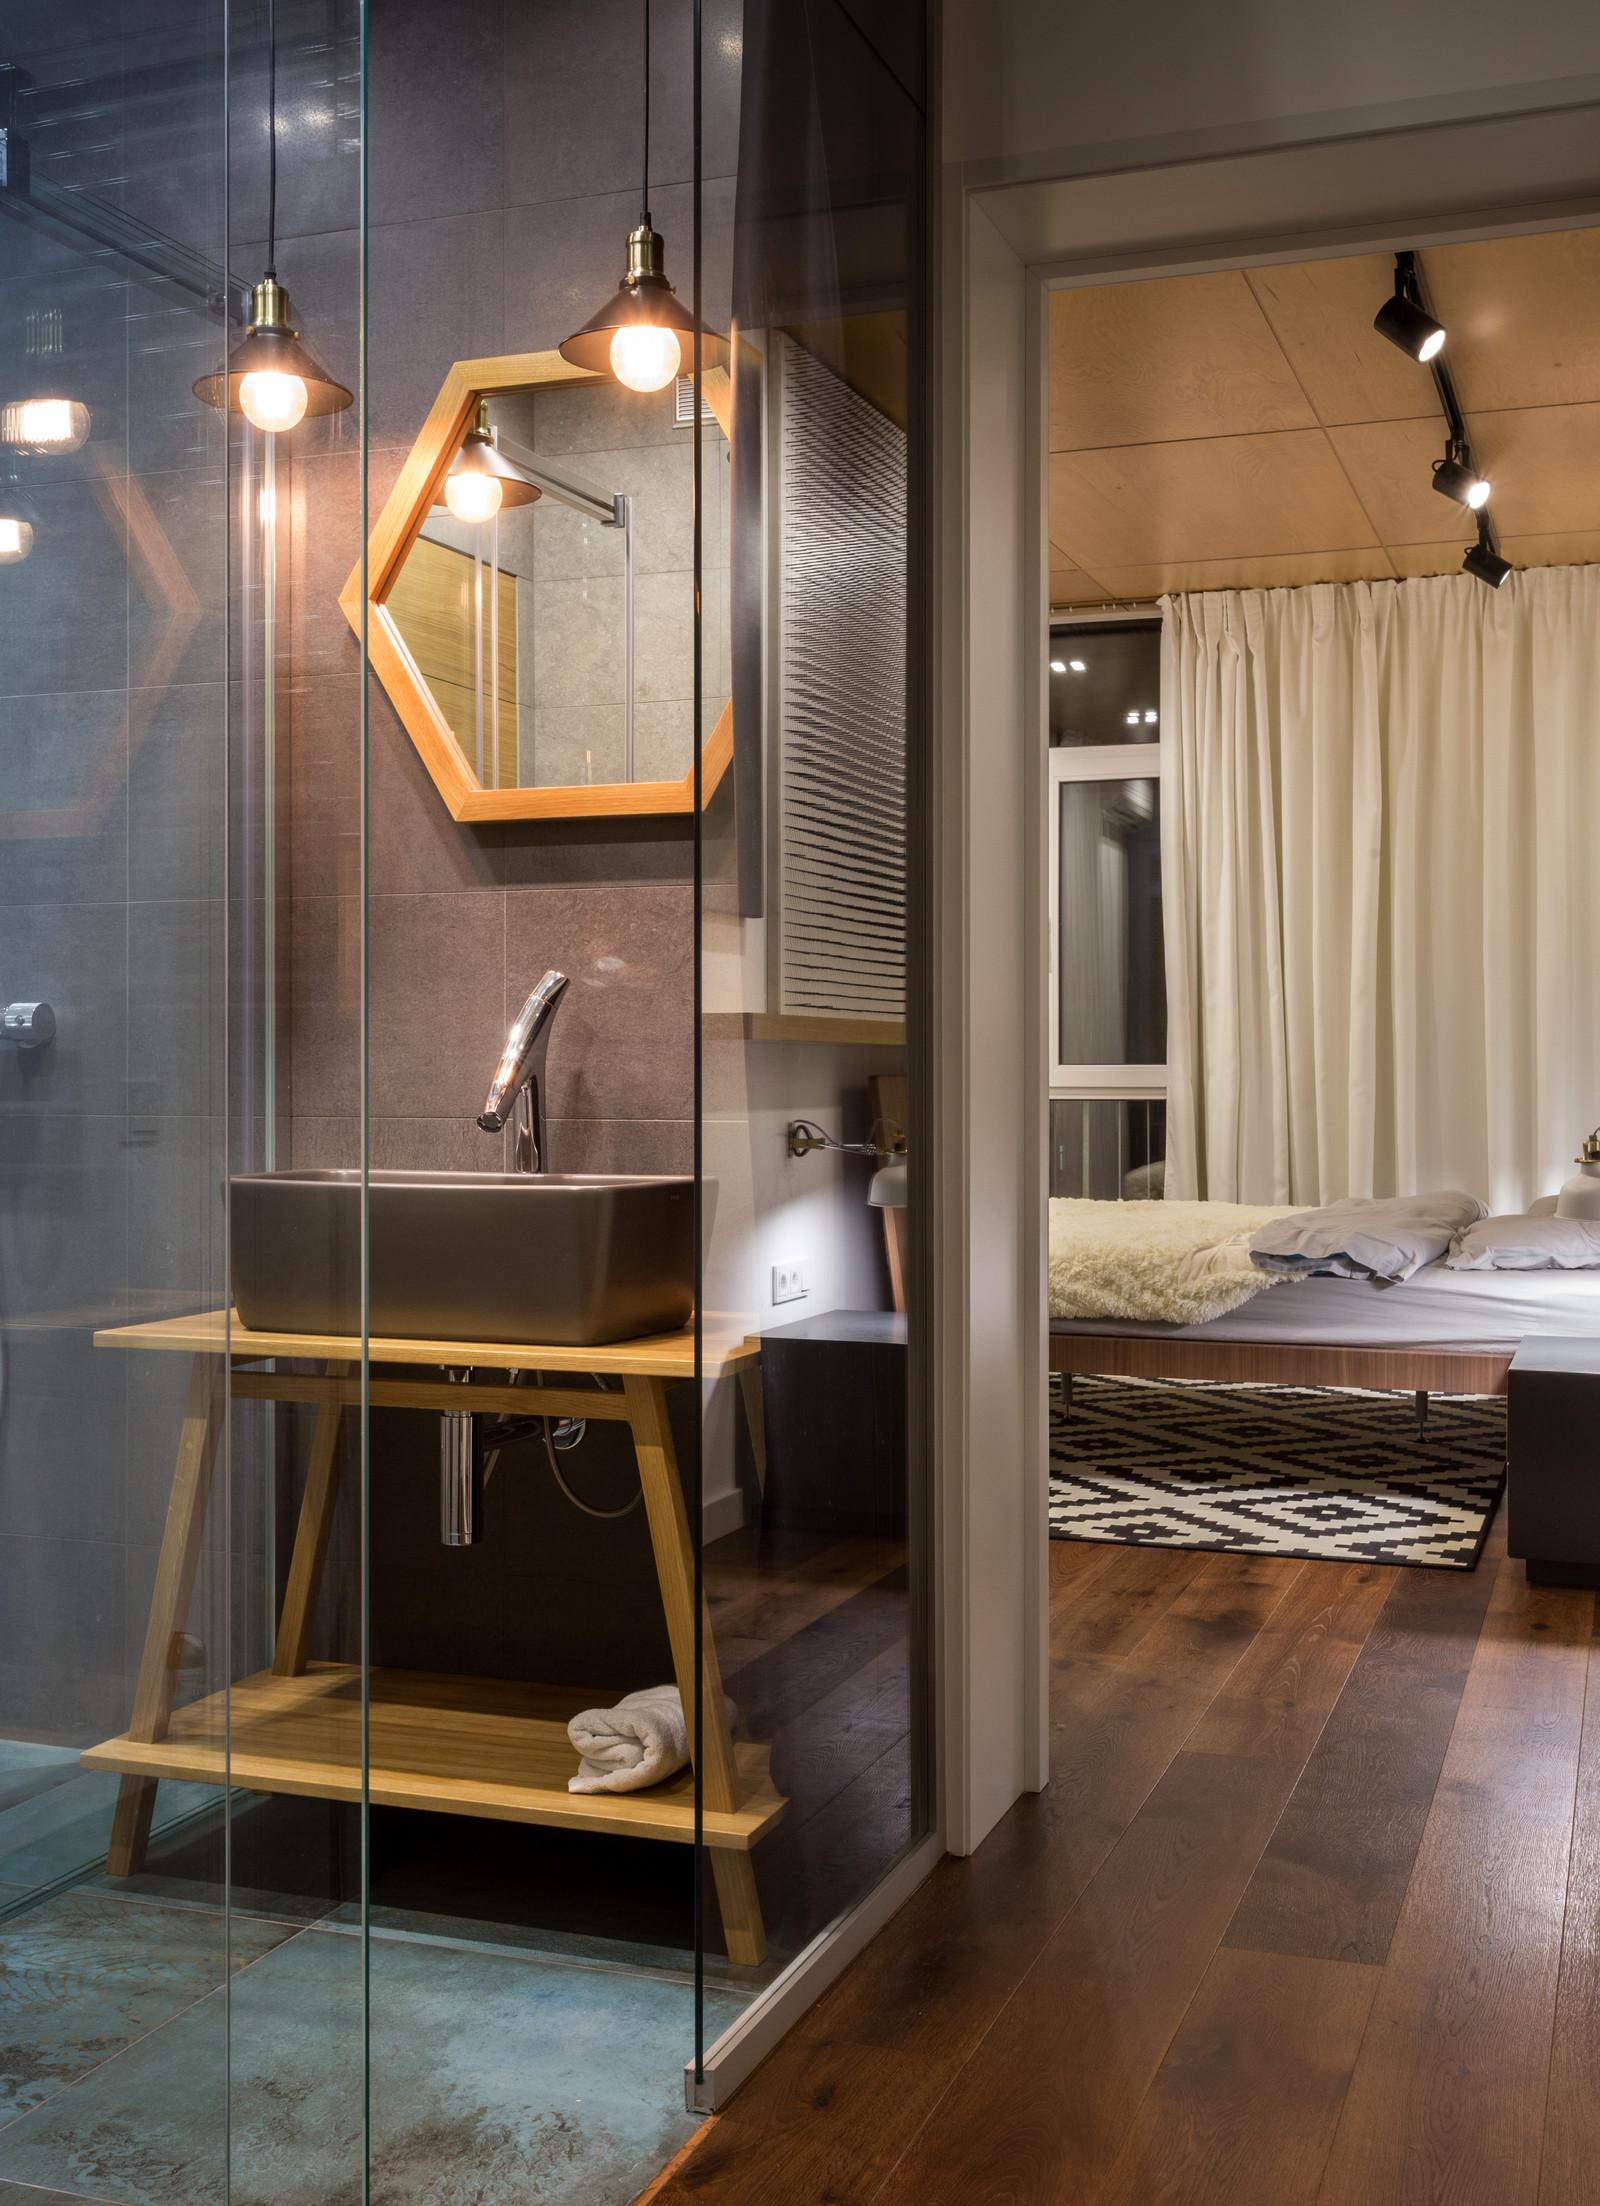 Apartment-design-just3ds.com-19